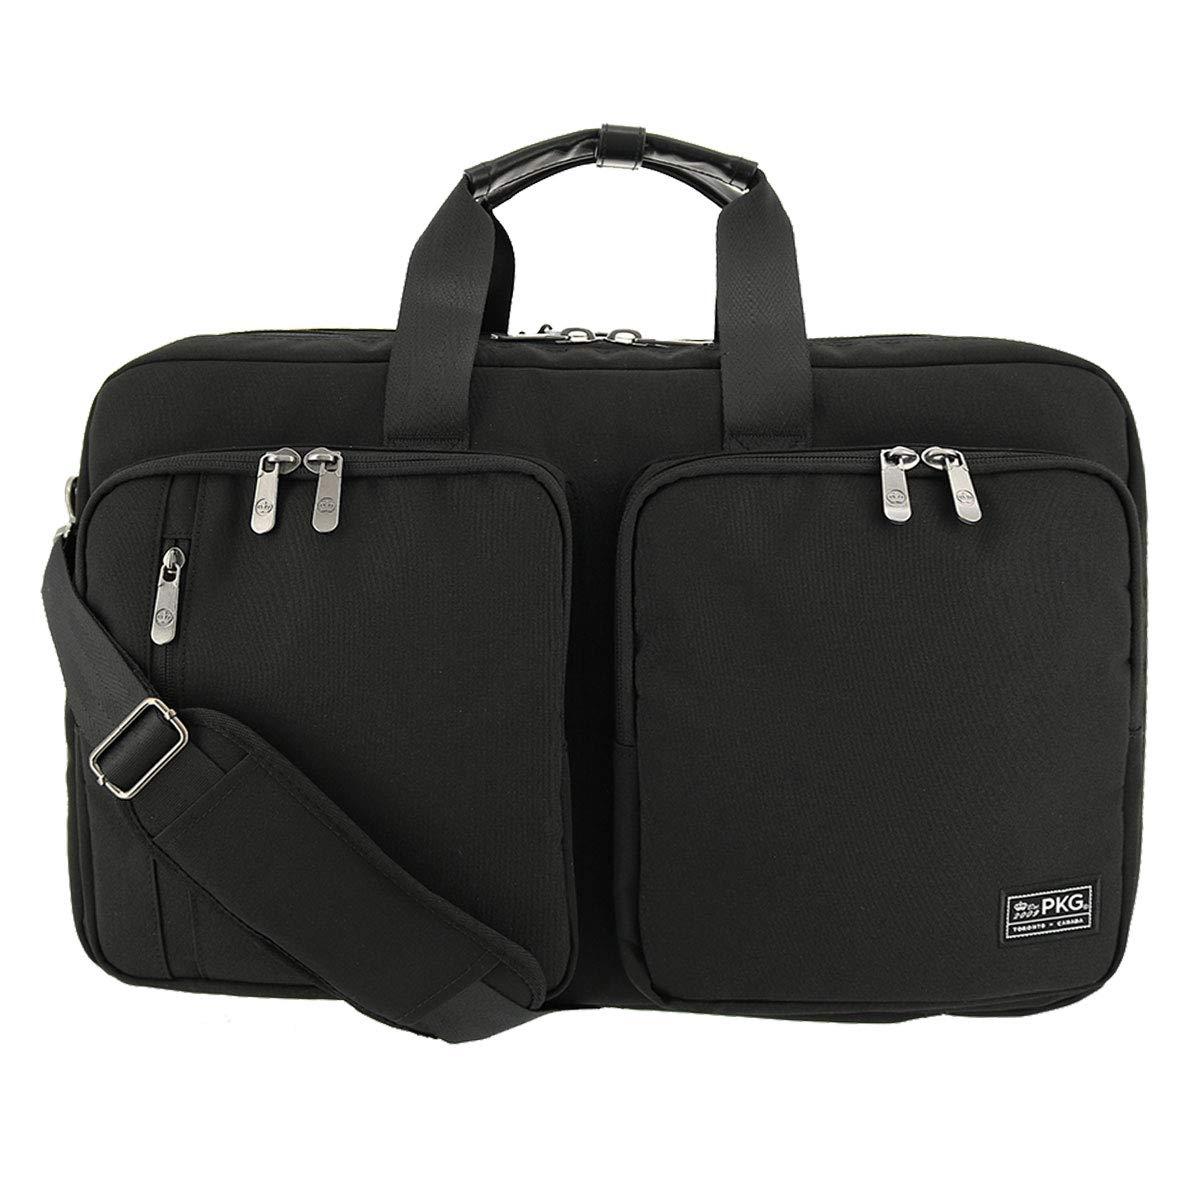 [ピーケージー] ブリーフケース トレントン ビジネスバッグ 3WAY メンズ 20TR  【72】Black-Black B07KX28VWP